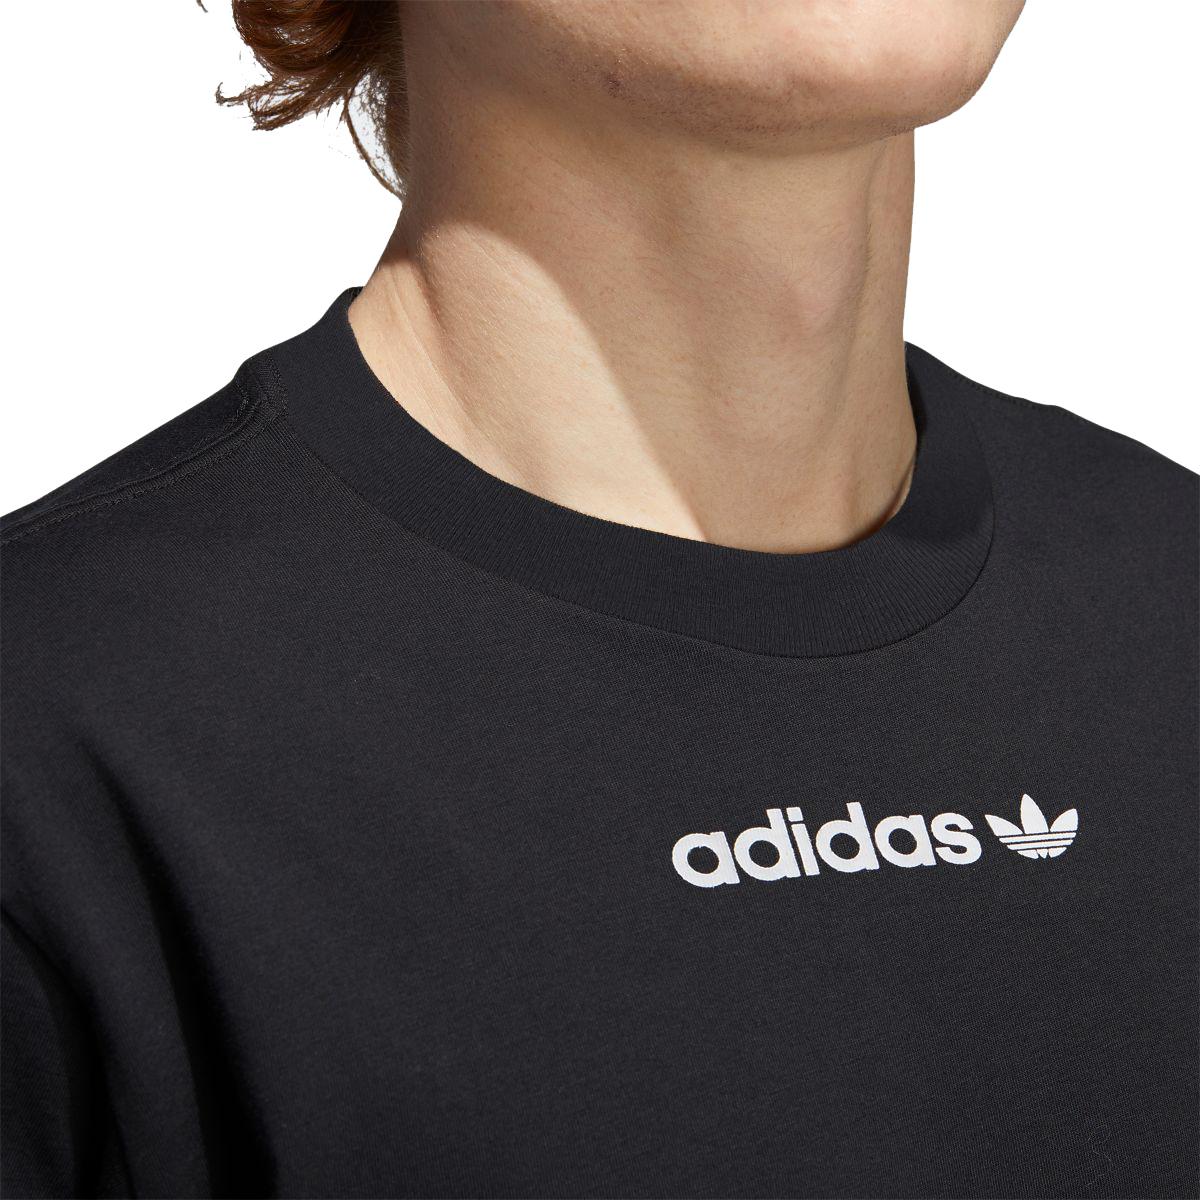 adidas originals アディダス オリジナルス リニア ロゴ リピート Tシャツ メンズ gd2111